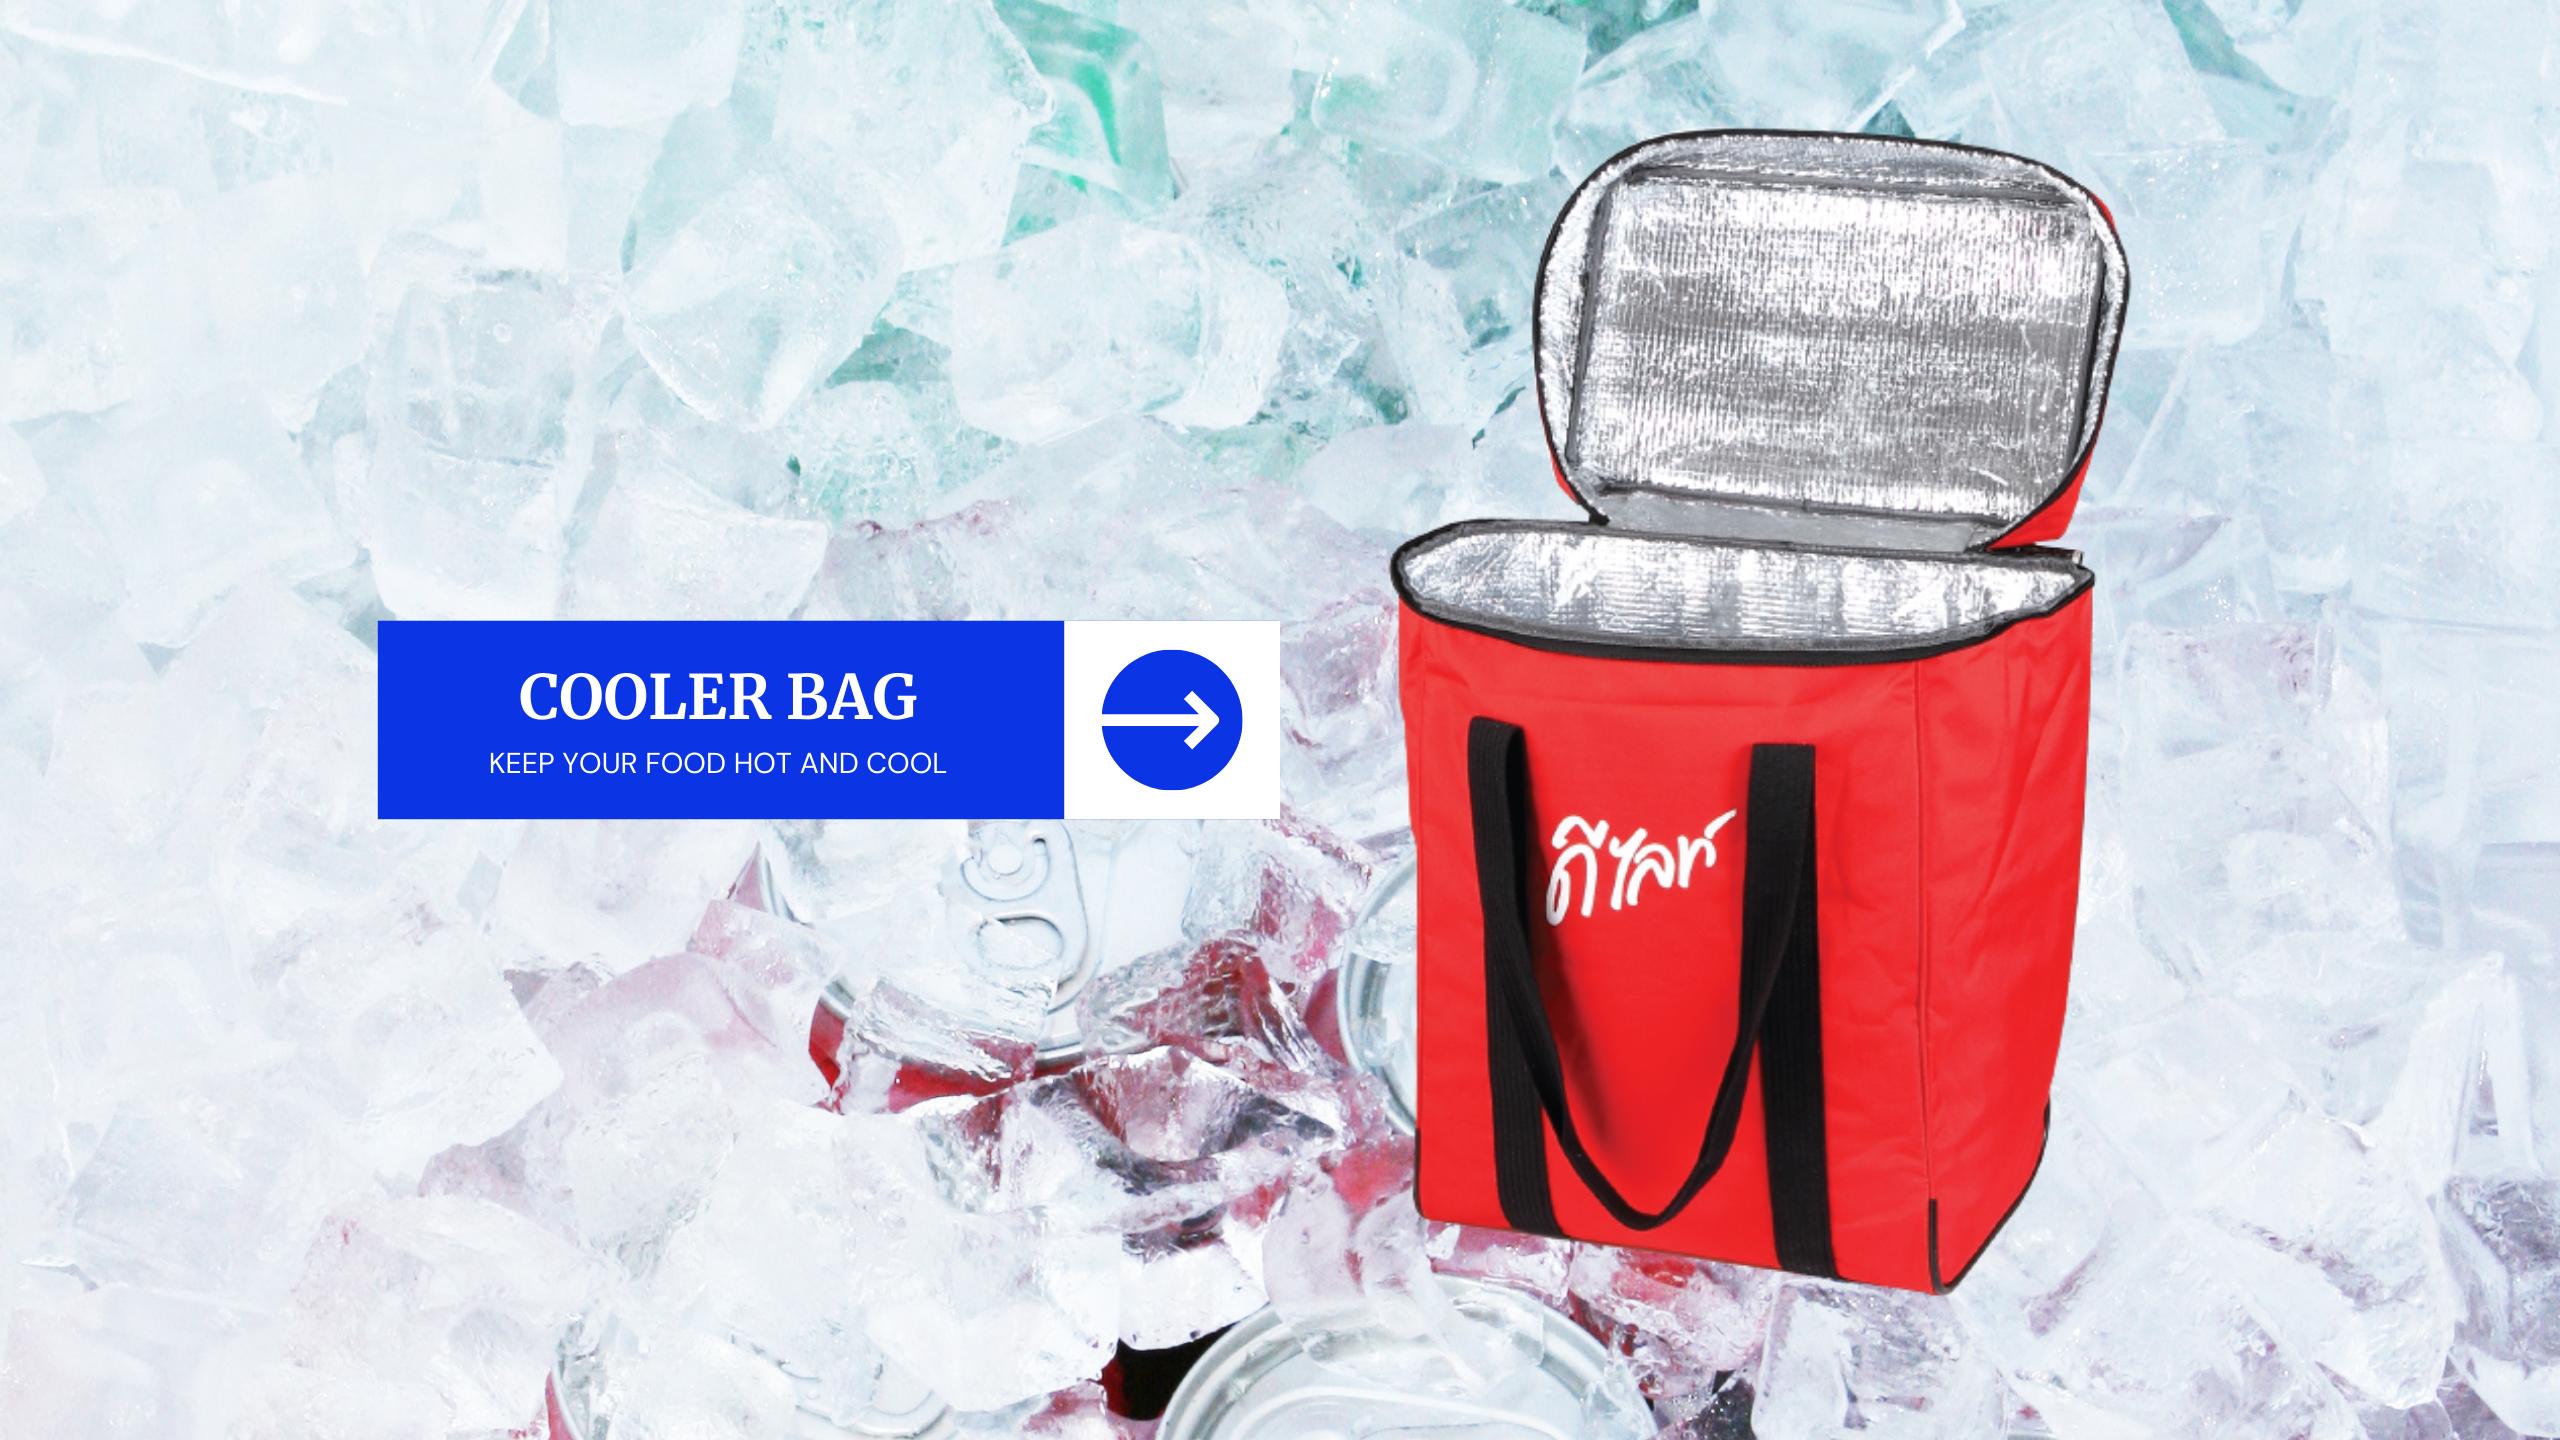 กระเป๋าเก็บความร้อน ความเย็น ตัวช่วยยืดเวลาให้น้ำแข็งละลายช้า